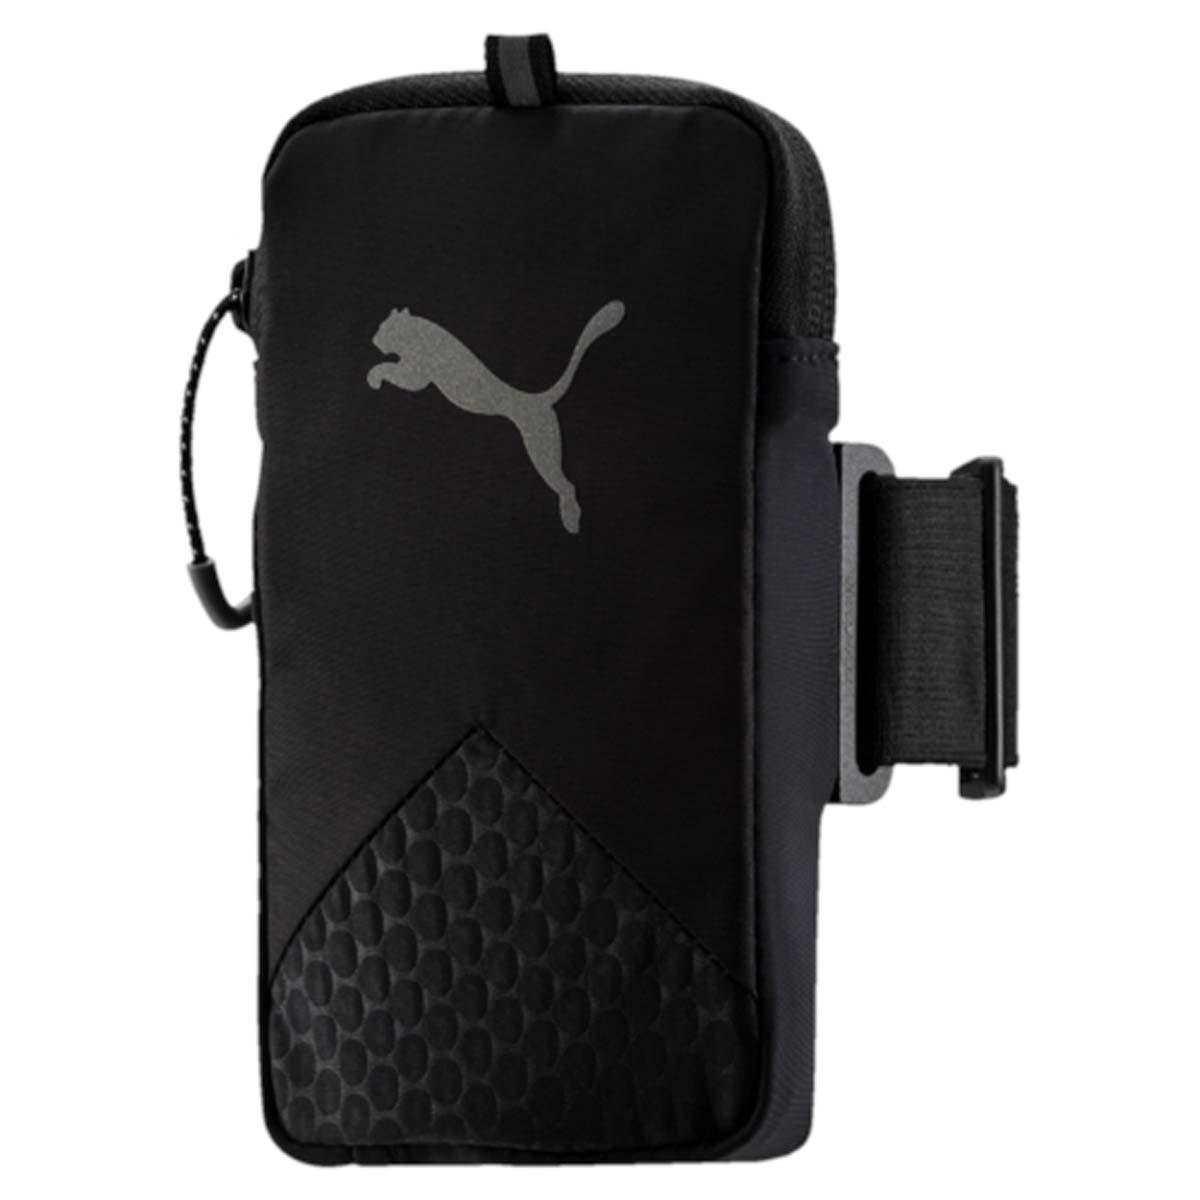 Сумка-чехол для мобильных устройств Puma Pr Arm Pocket, цвет: черный. 053142016952897994655Чехол на руку PR Arm Pocket - это незаменимый аксессуар для спортсменов и людей, ведущих активный образ жизни. Изделие предназначено для ношения смартфона. Оно крепится к плечу на эластичном ремне и оснащено специальным выходом для подключения наушников или гарнитуры. Подходит для электронных устройств размером 8 см x 14 см. Основное отделение на застежке-молнии. У модели сетчатая вставка на задней части, выход для аудио-кабеля, светоотражающие шнурки на застежках-молниях, светоотражающий логотип бренда.